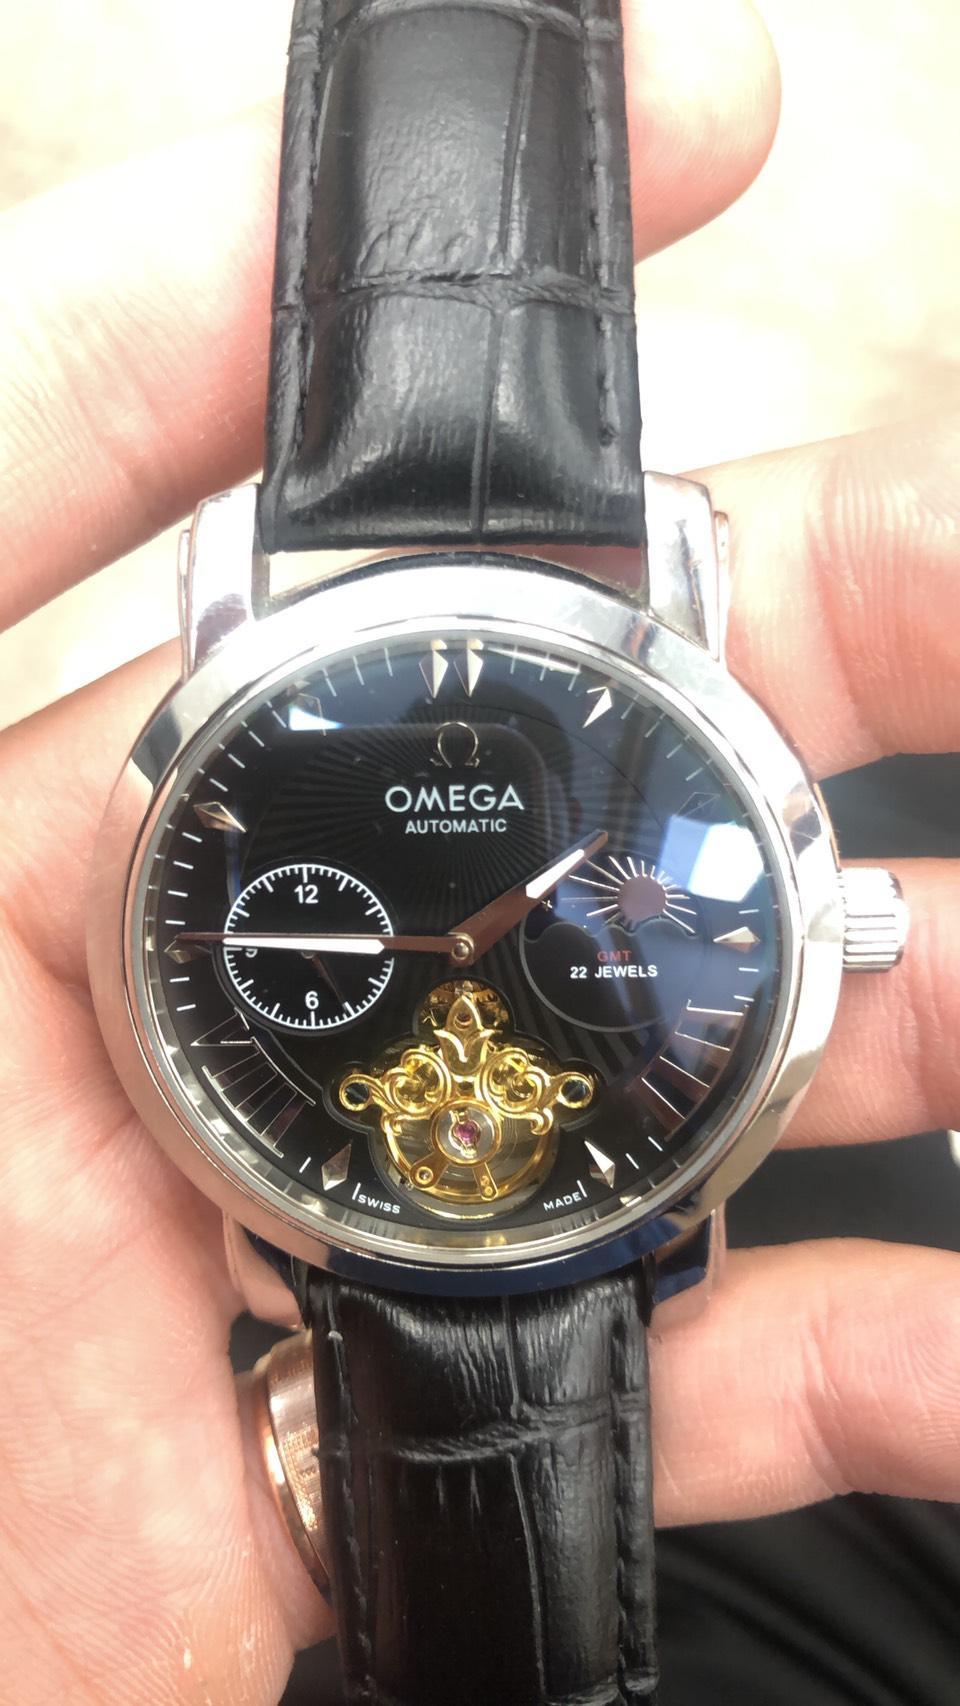 手錶難辨真偽 手錶周轉借款 真的假不了(中區吳先生案例分享)